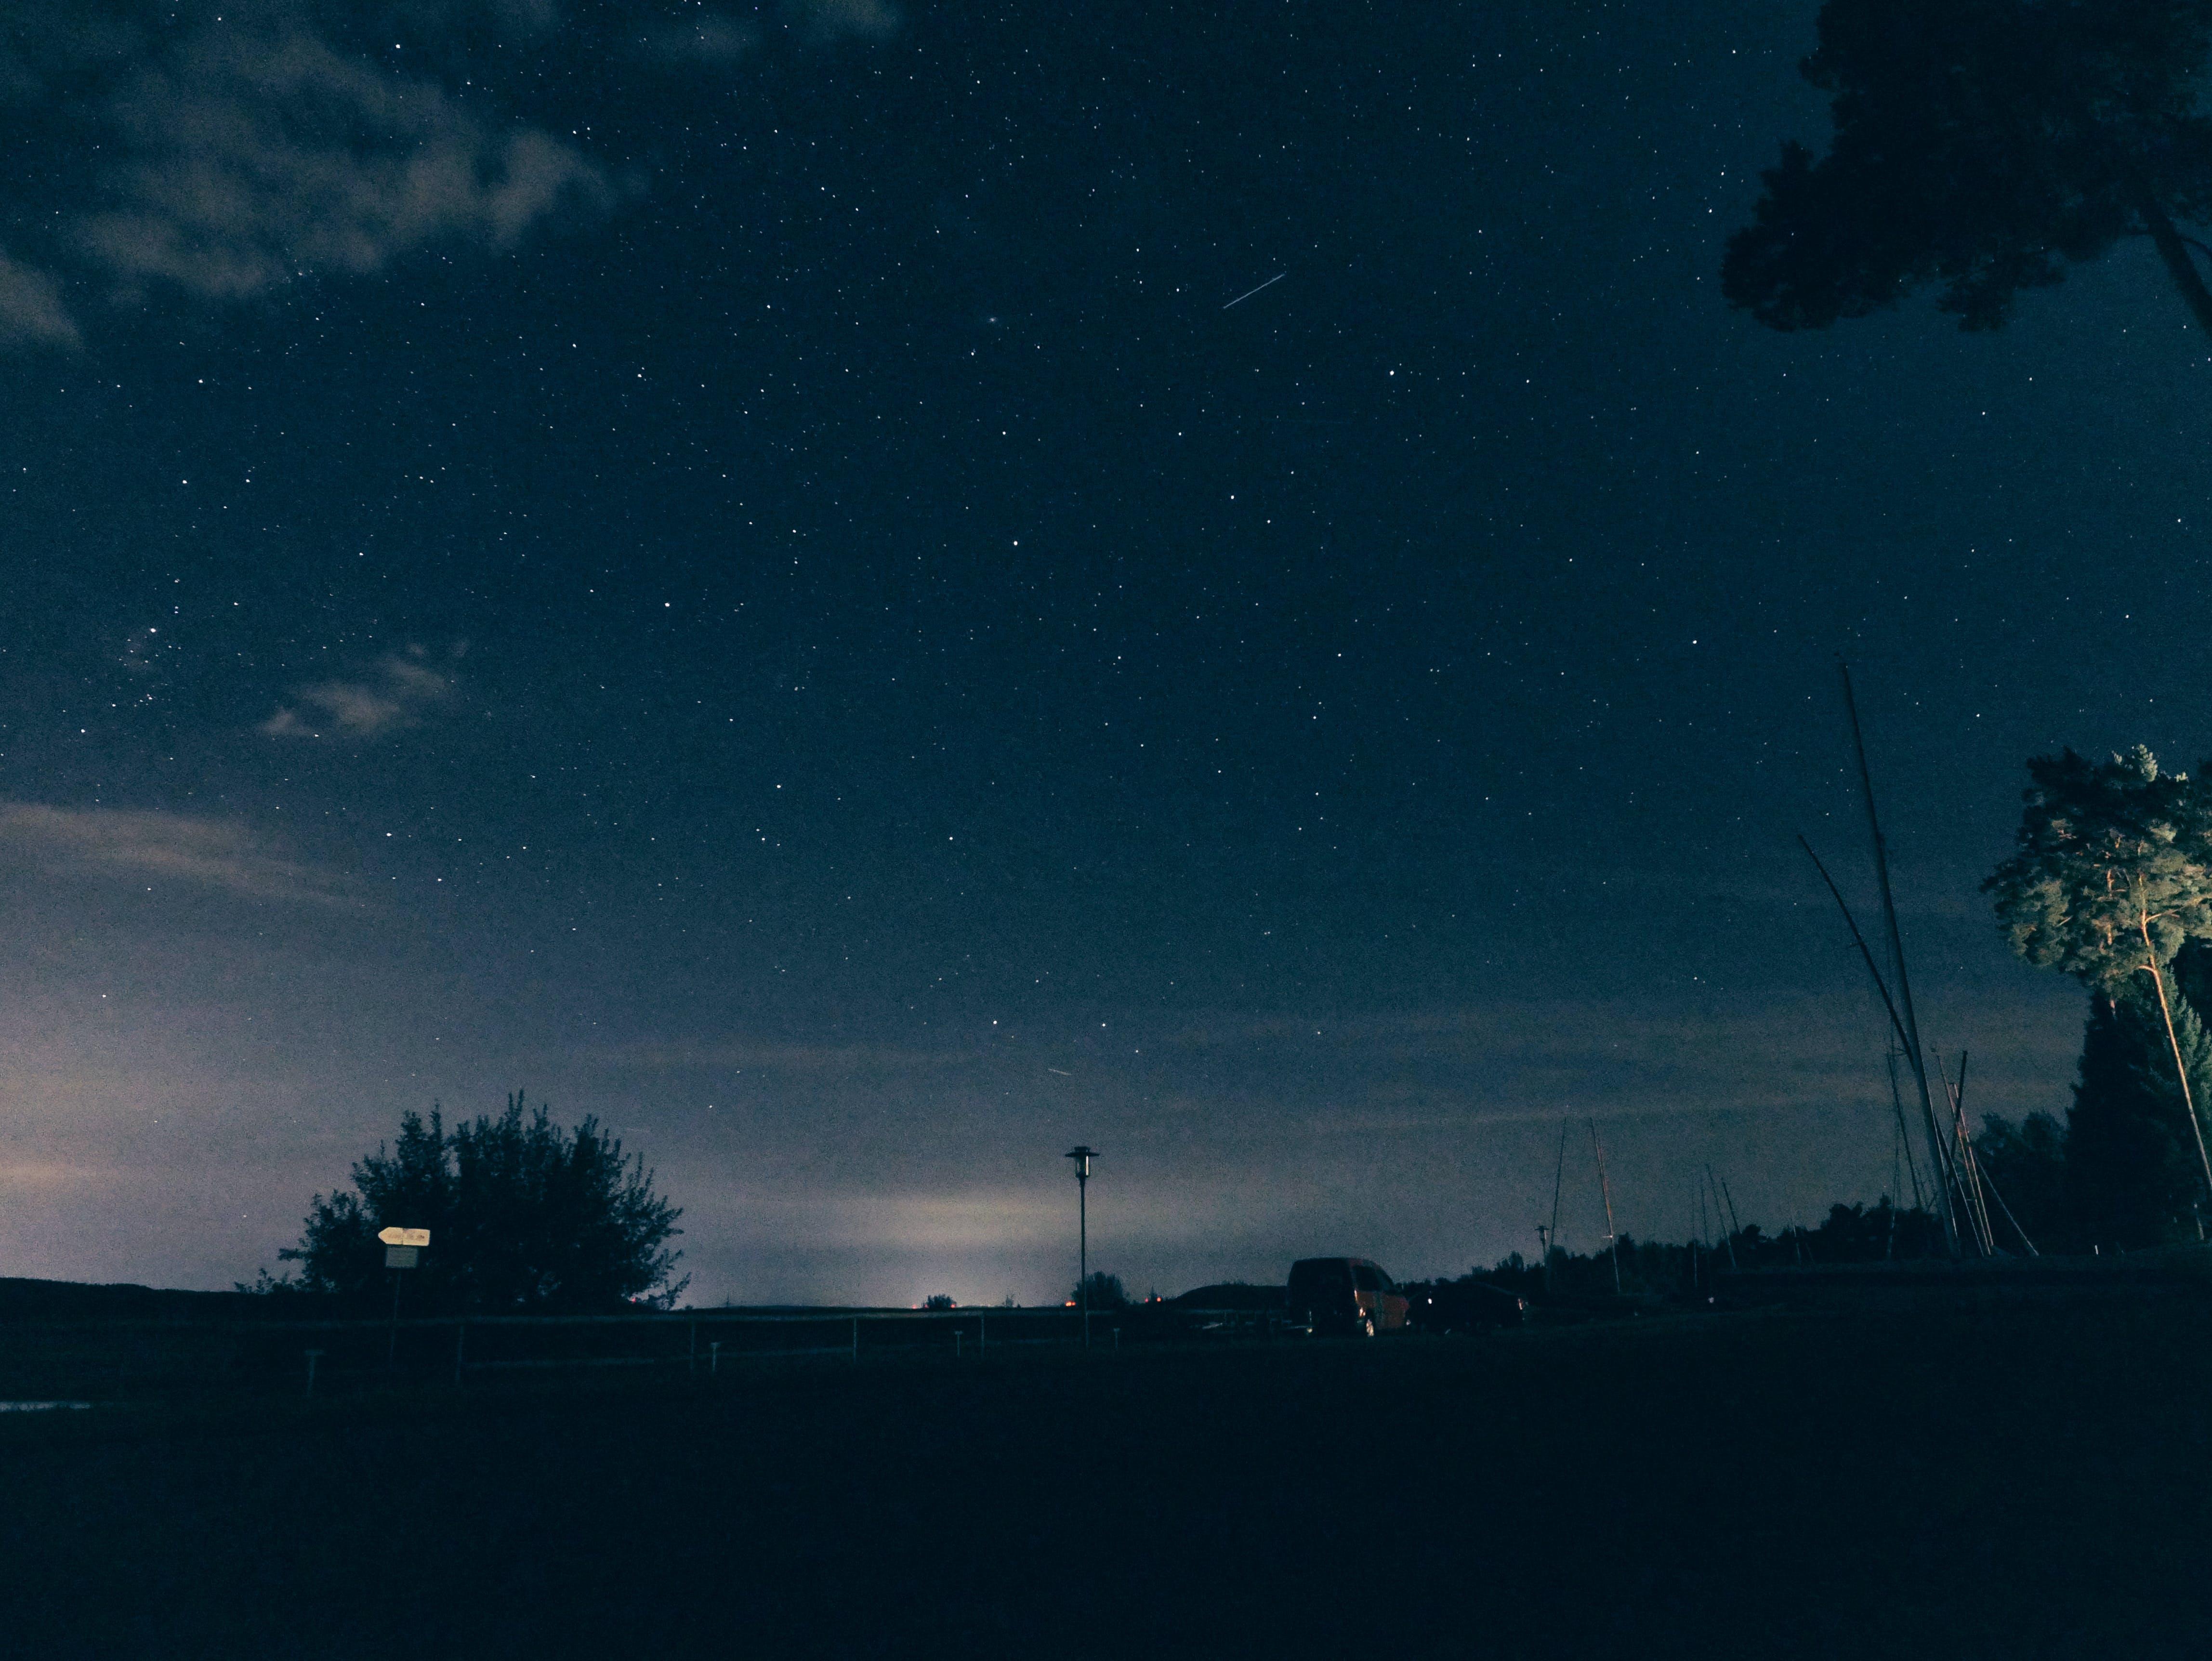 Астрономия, вечер, вечернее небо